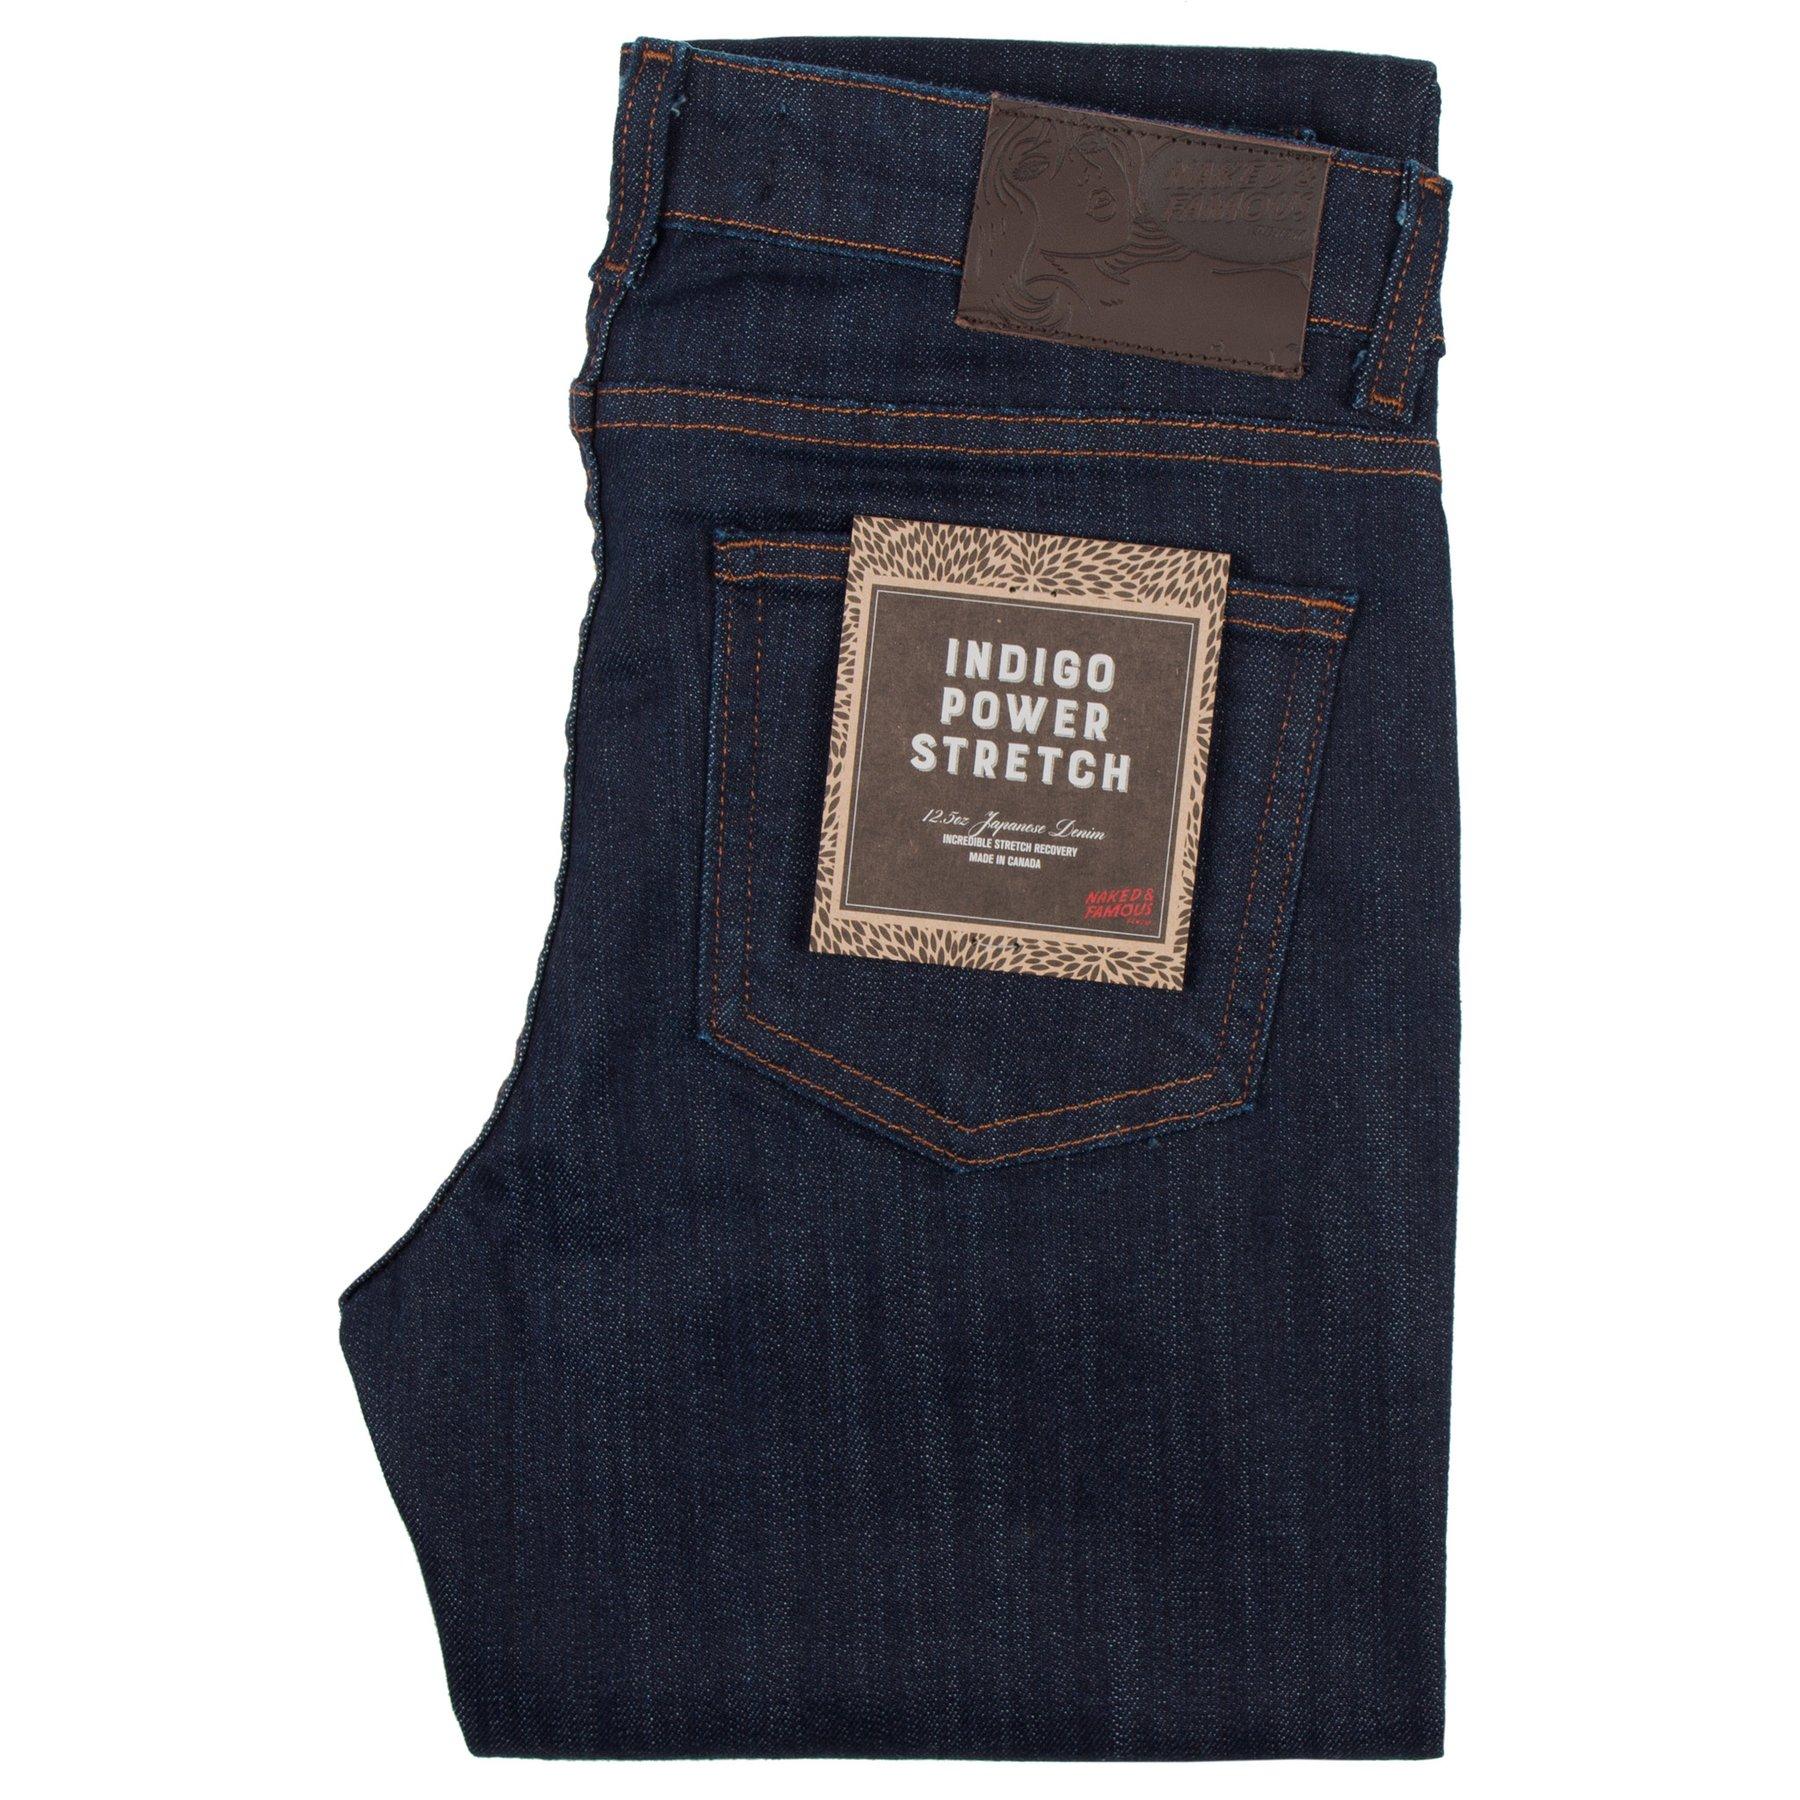 Women's Indigo Power-Stretch jeans Folded View